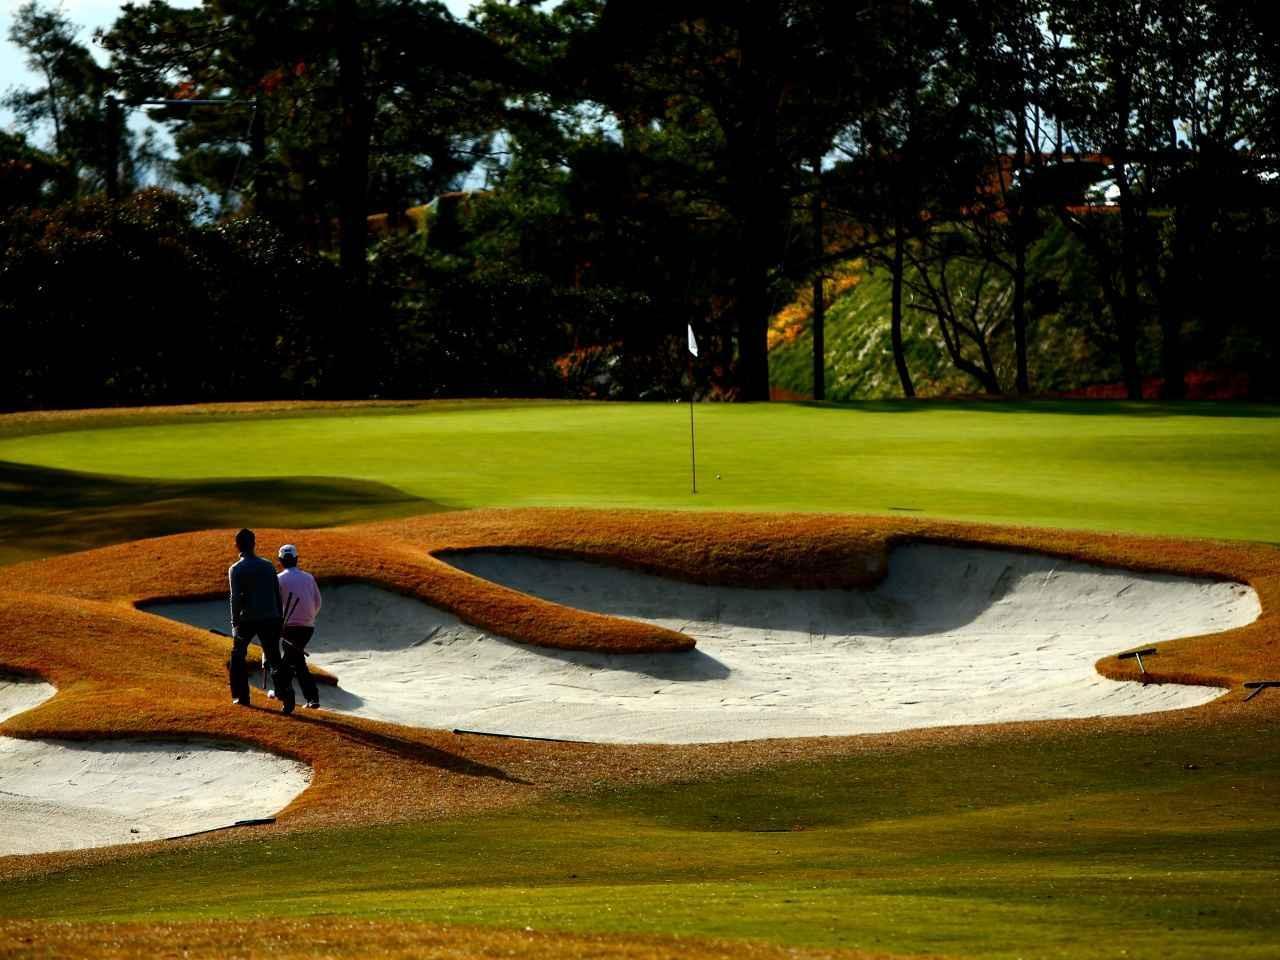 画像: 【コース設計家・上田治②】バンカーとは「挑むもの」。勇気の攻めには相応の報酬を与える - ゴルフへ行こうWEB by ゴルフダイジェスト